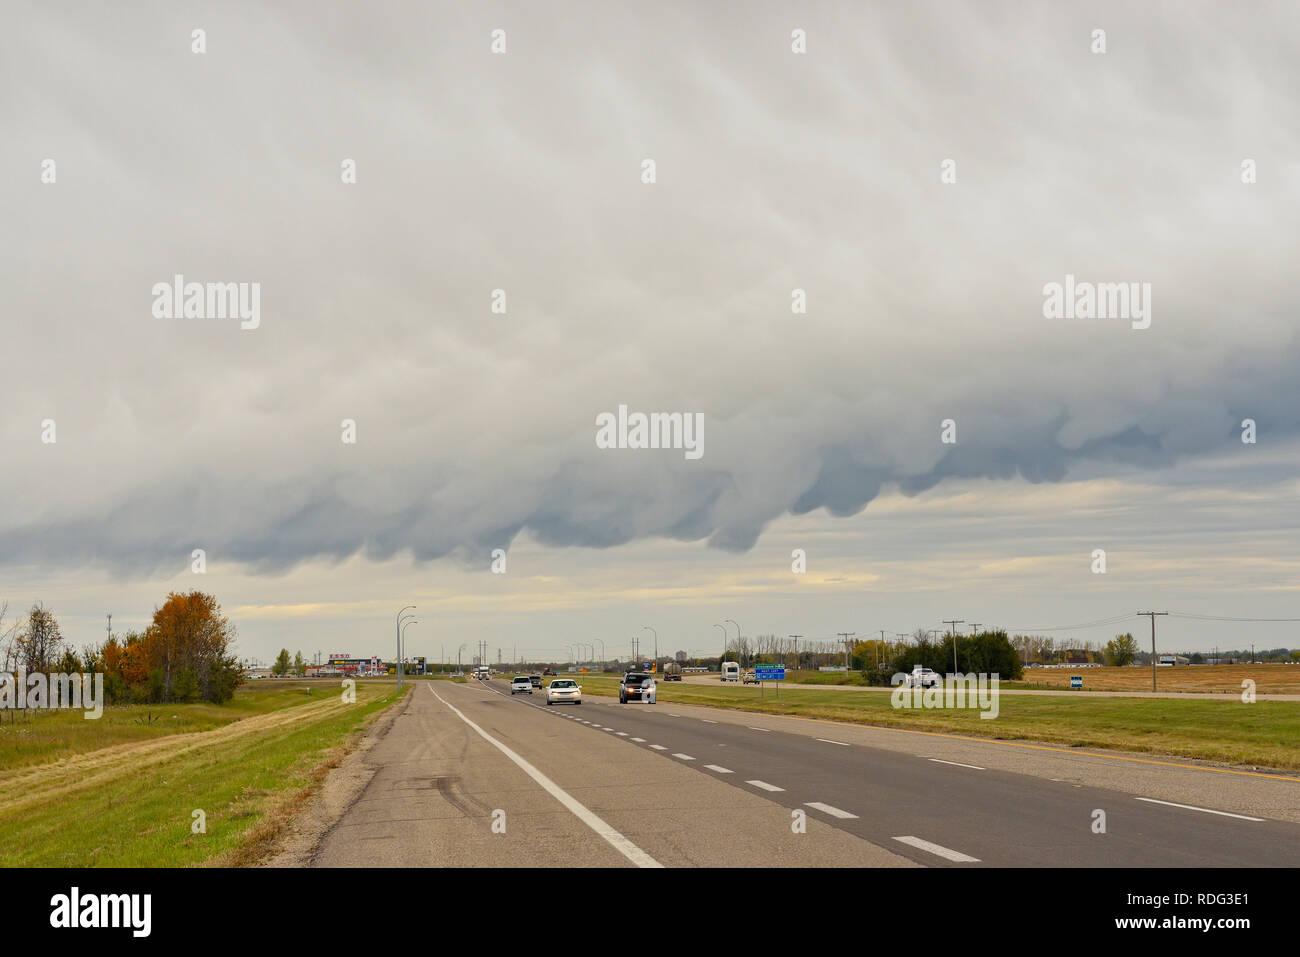 La formación de nubes amenazantes frente meteorológico, Saskatoon, Saskatchewan, Canadá Imagen De Stock